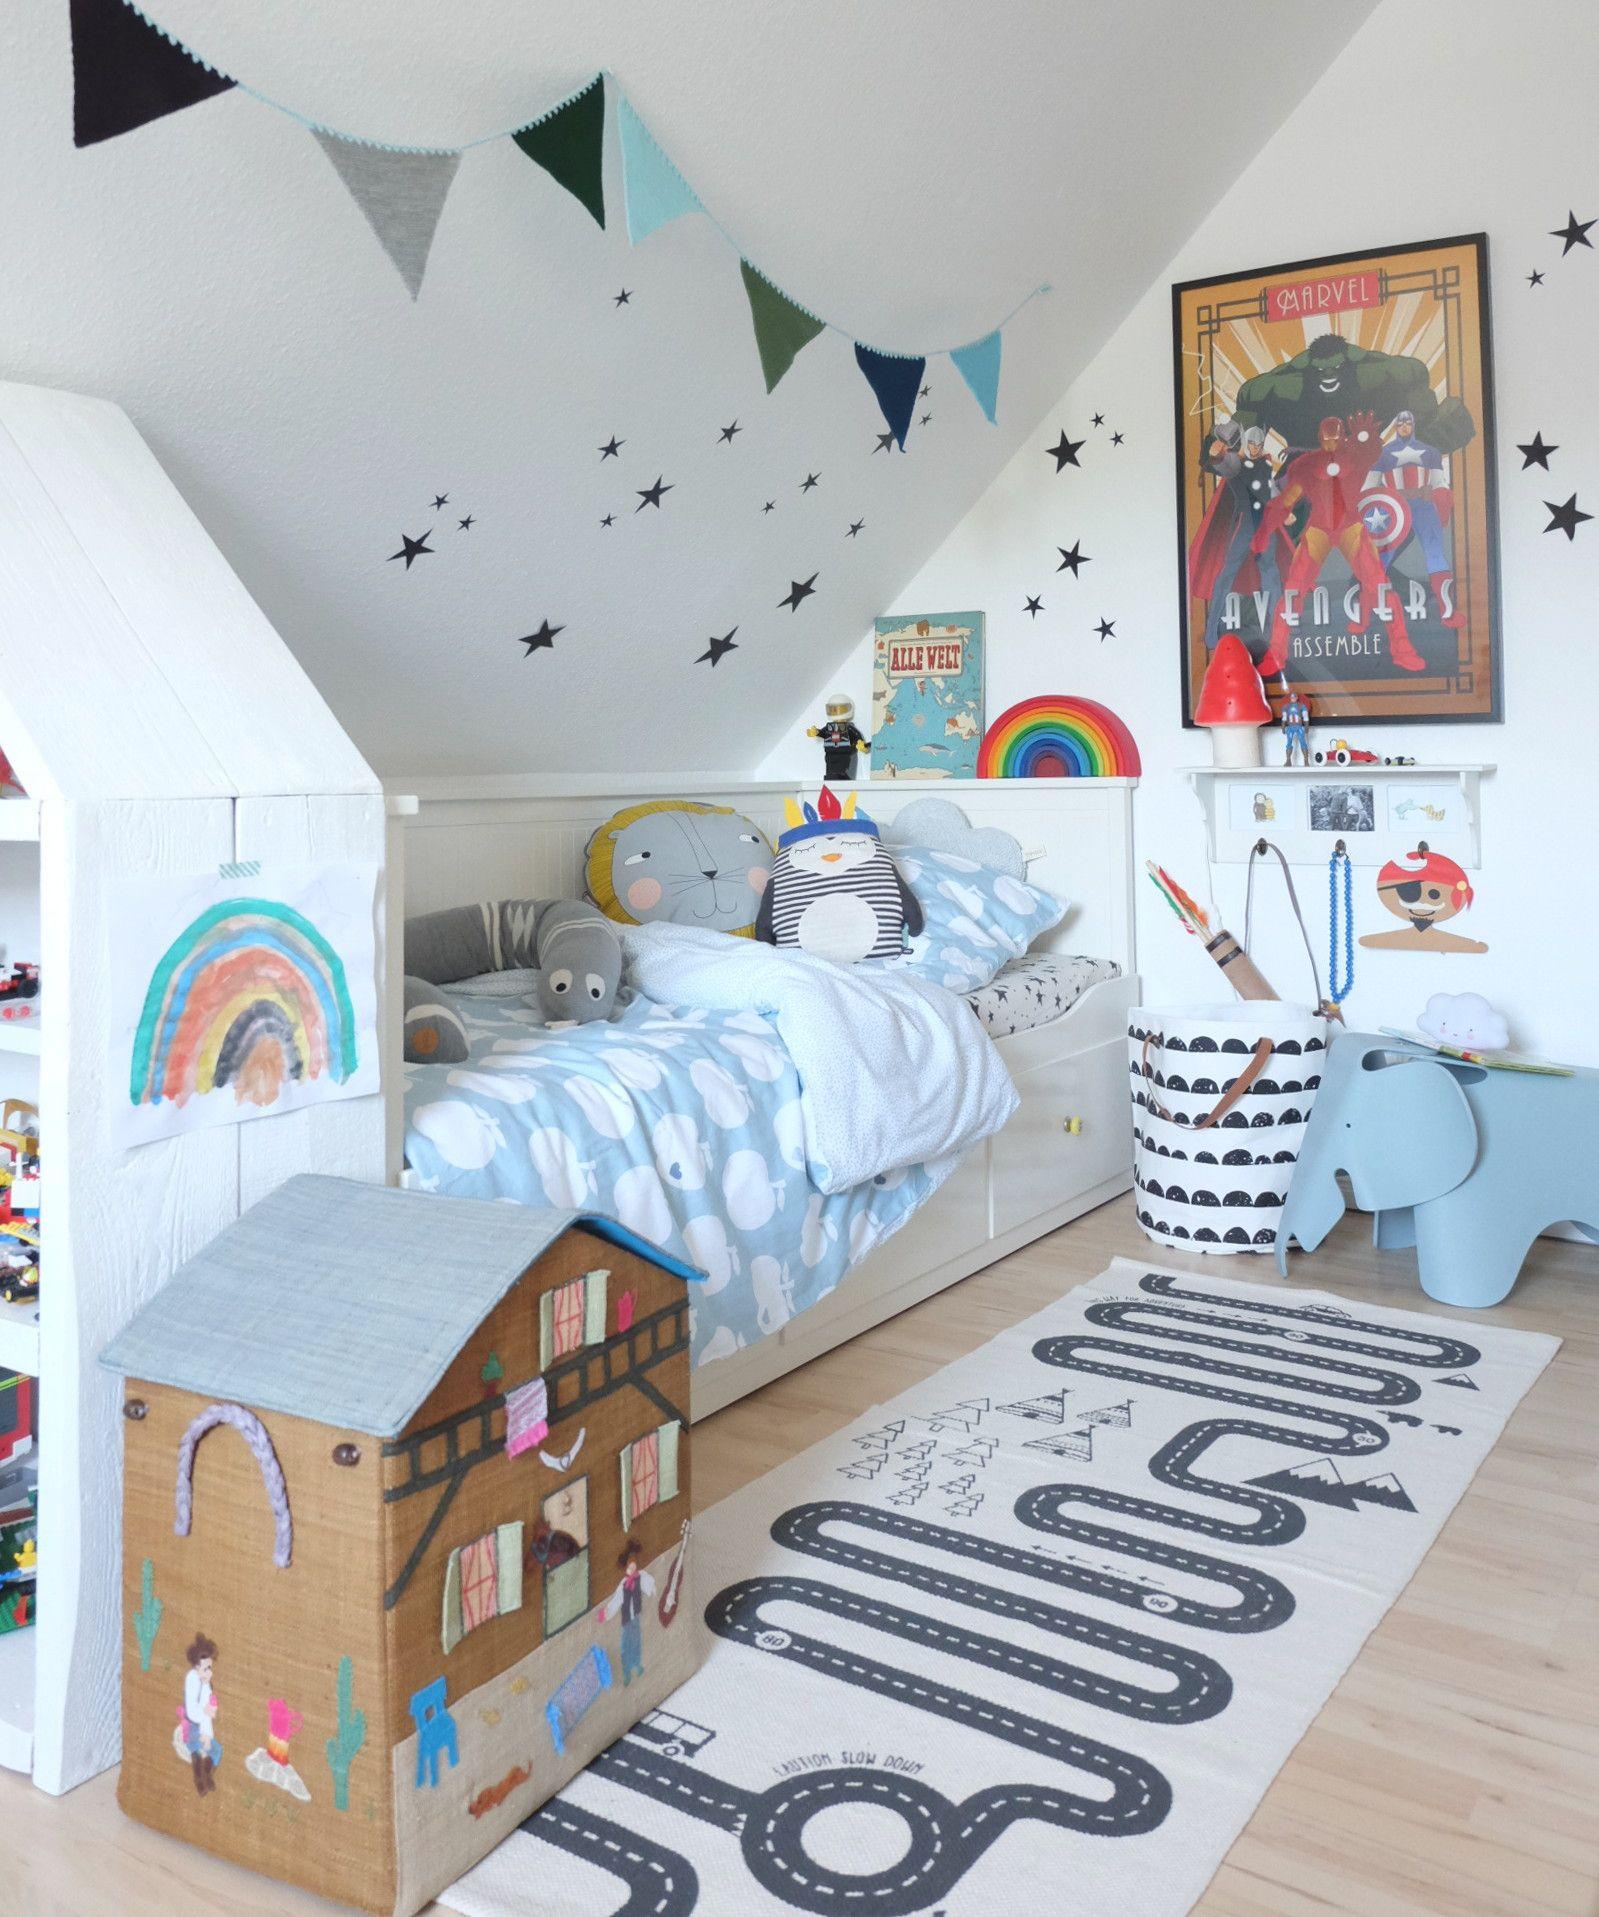 Werbung Kinderzimmer Styling Dekorieren Mit Viel Platz Fur